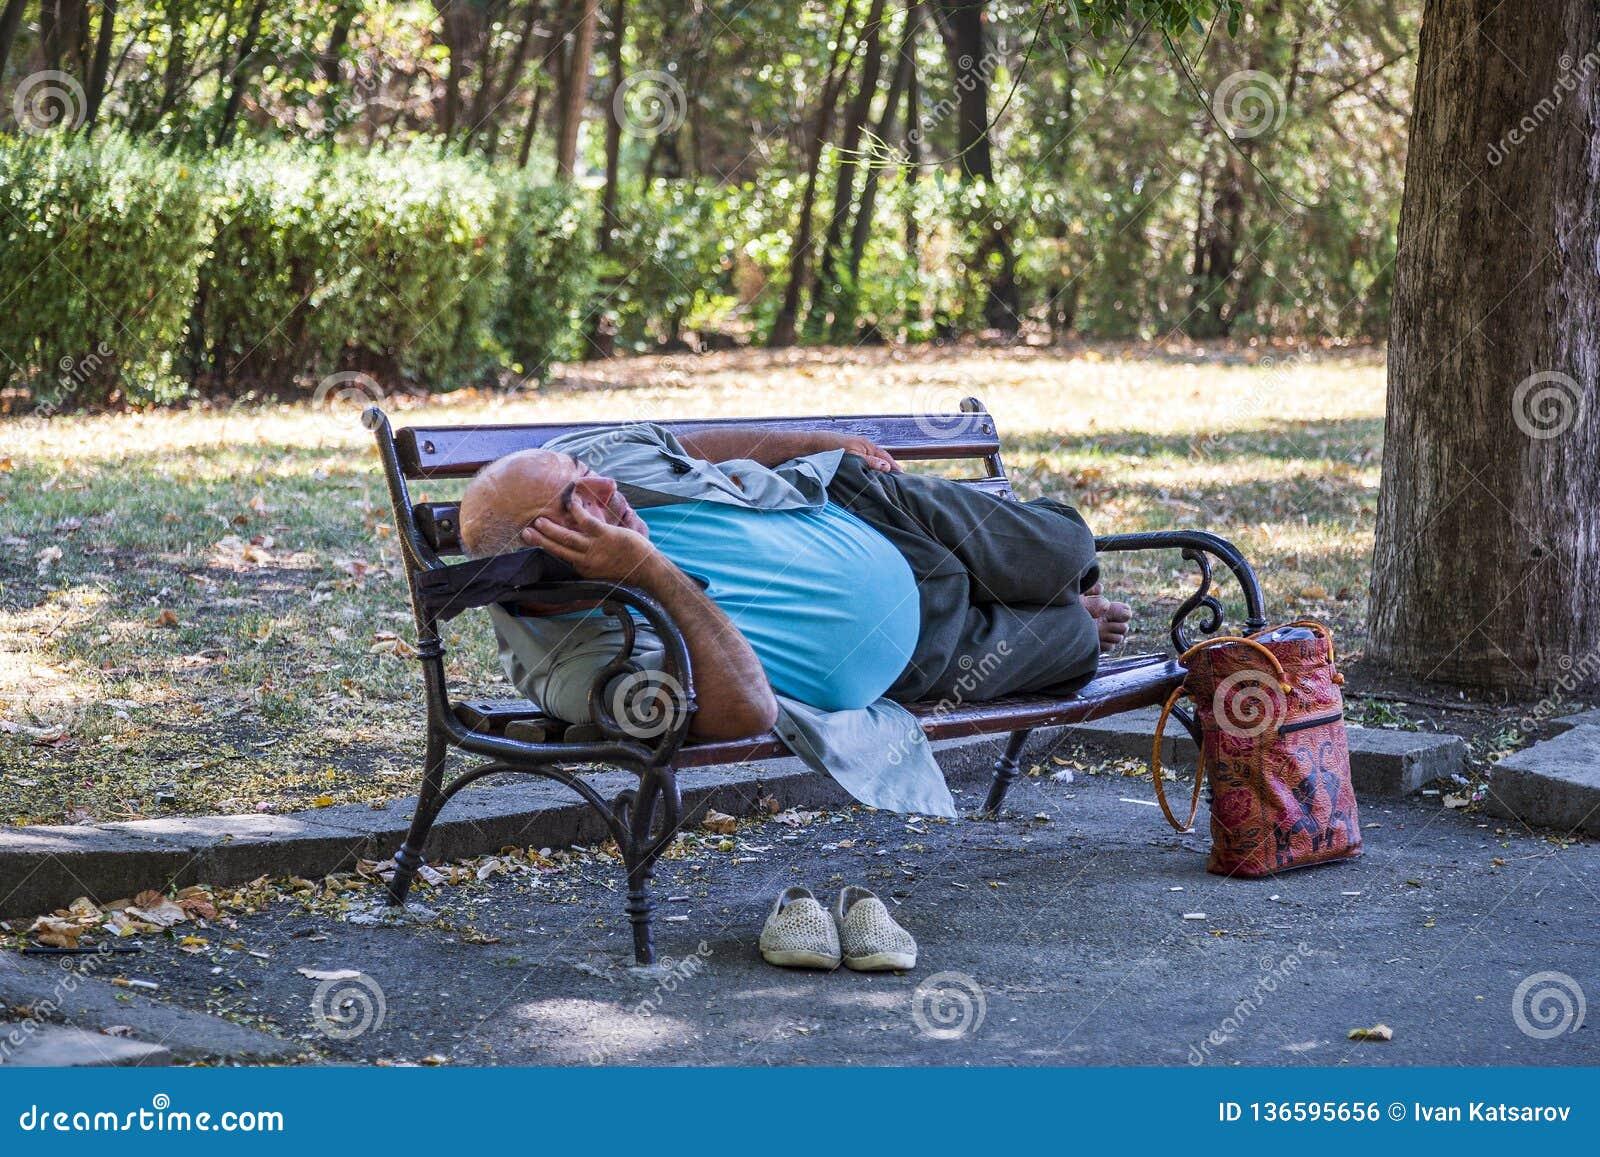 Ein älterer Mann, der barfuß auf einer Bank im Stadtpark liegt und mitten in dem Tag in Burgas/Bulgaria/08/14/2016 schläft